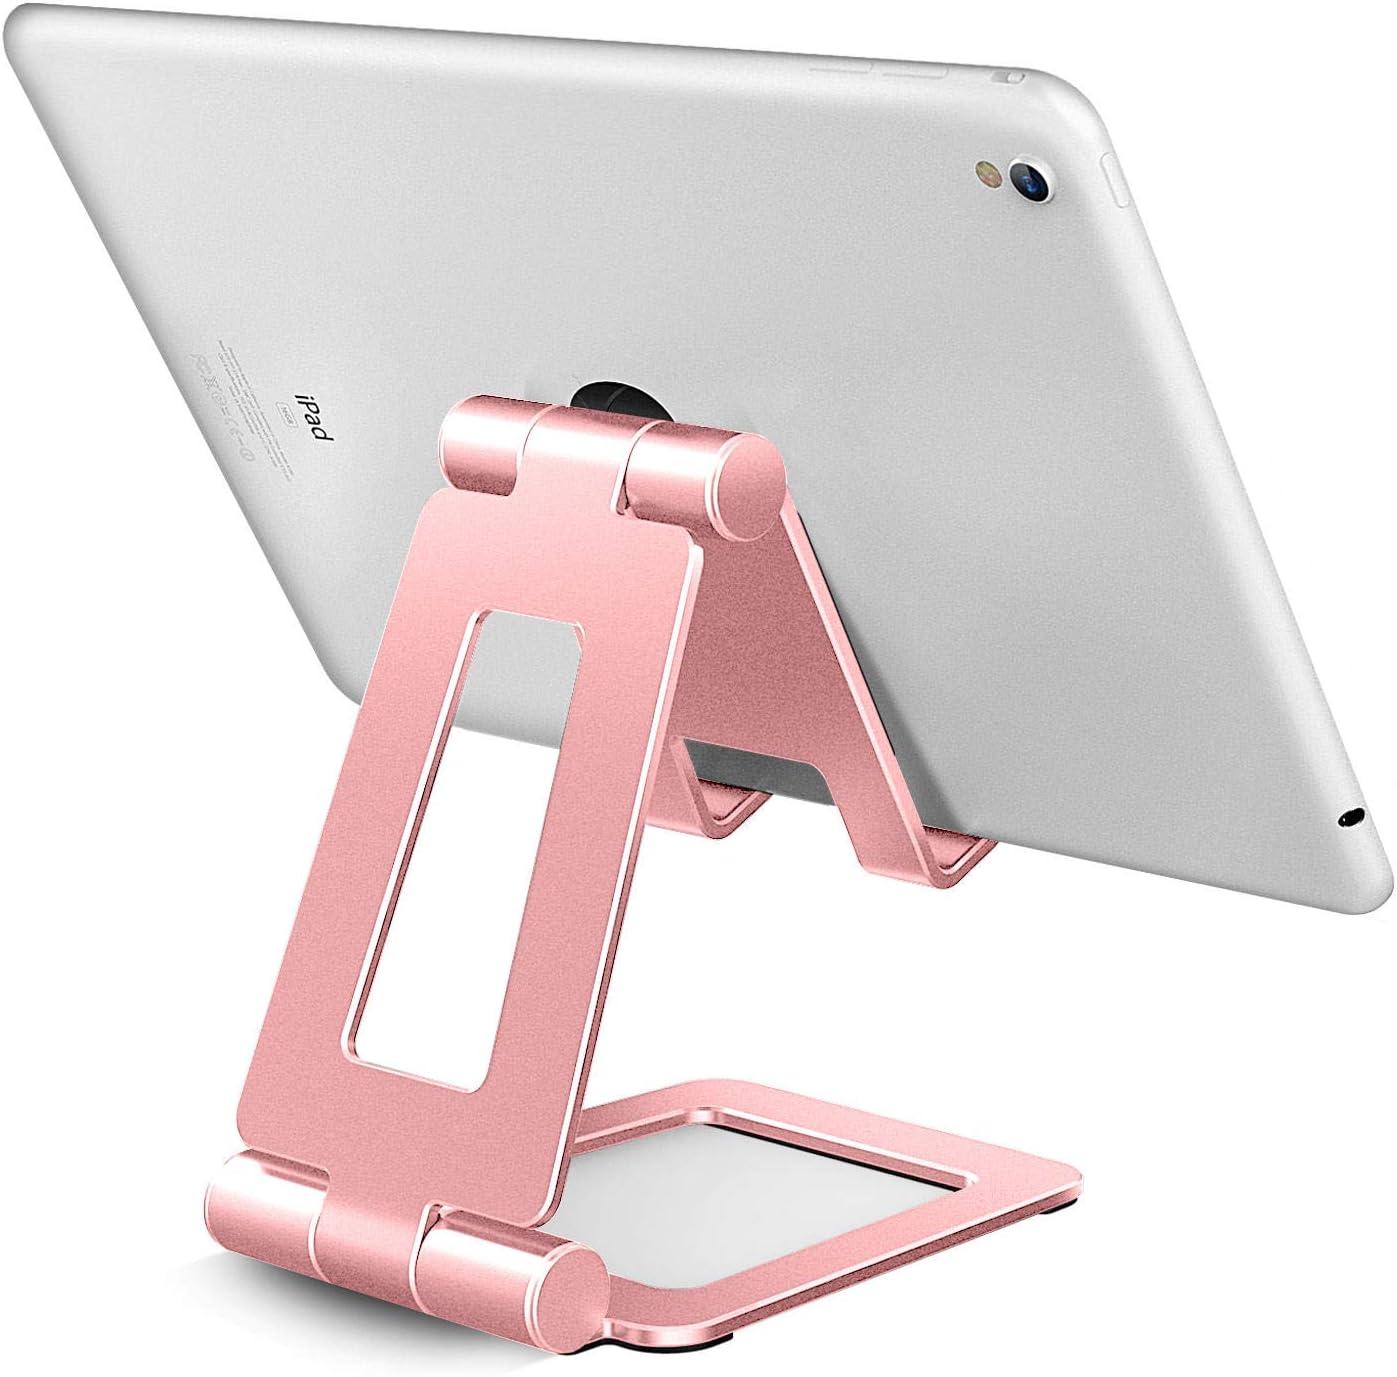 Soporte para  iPad y  iPhone ajustable rosa gold